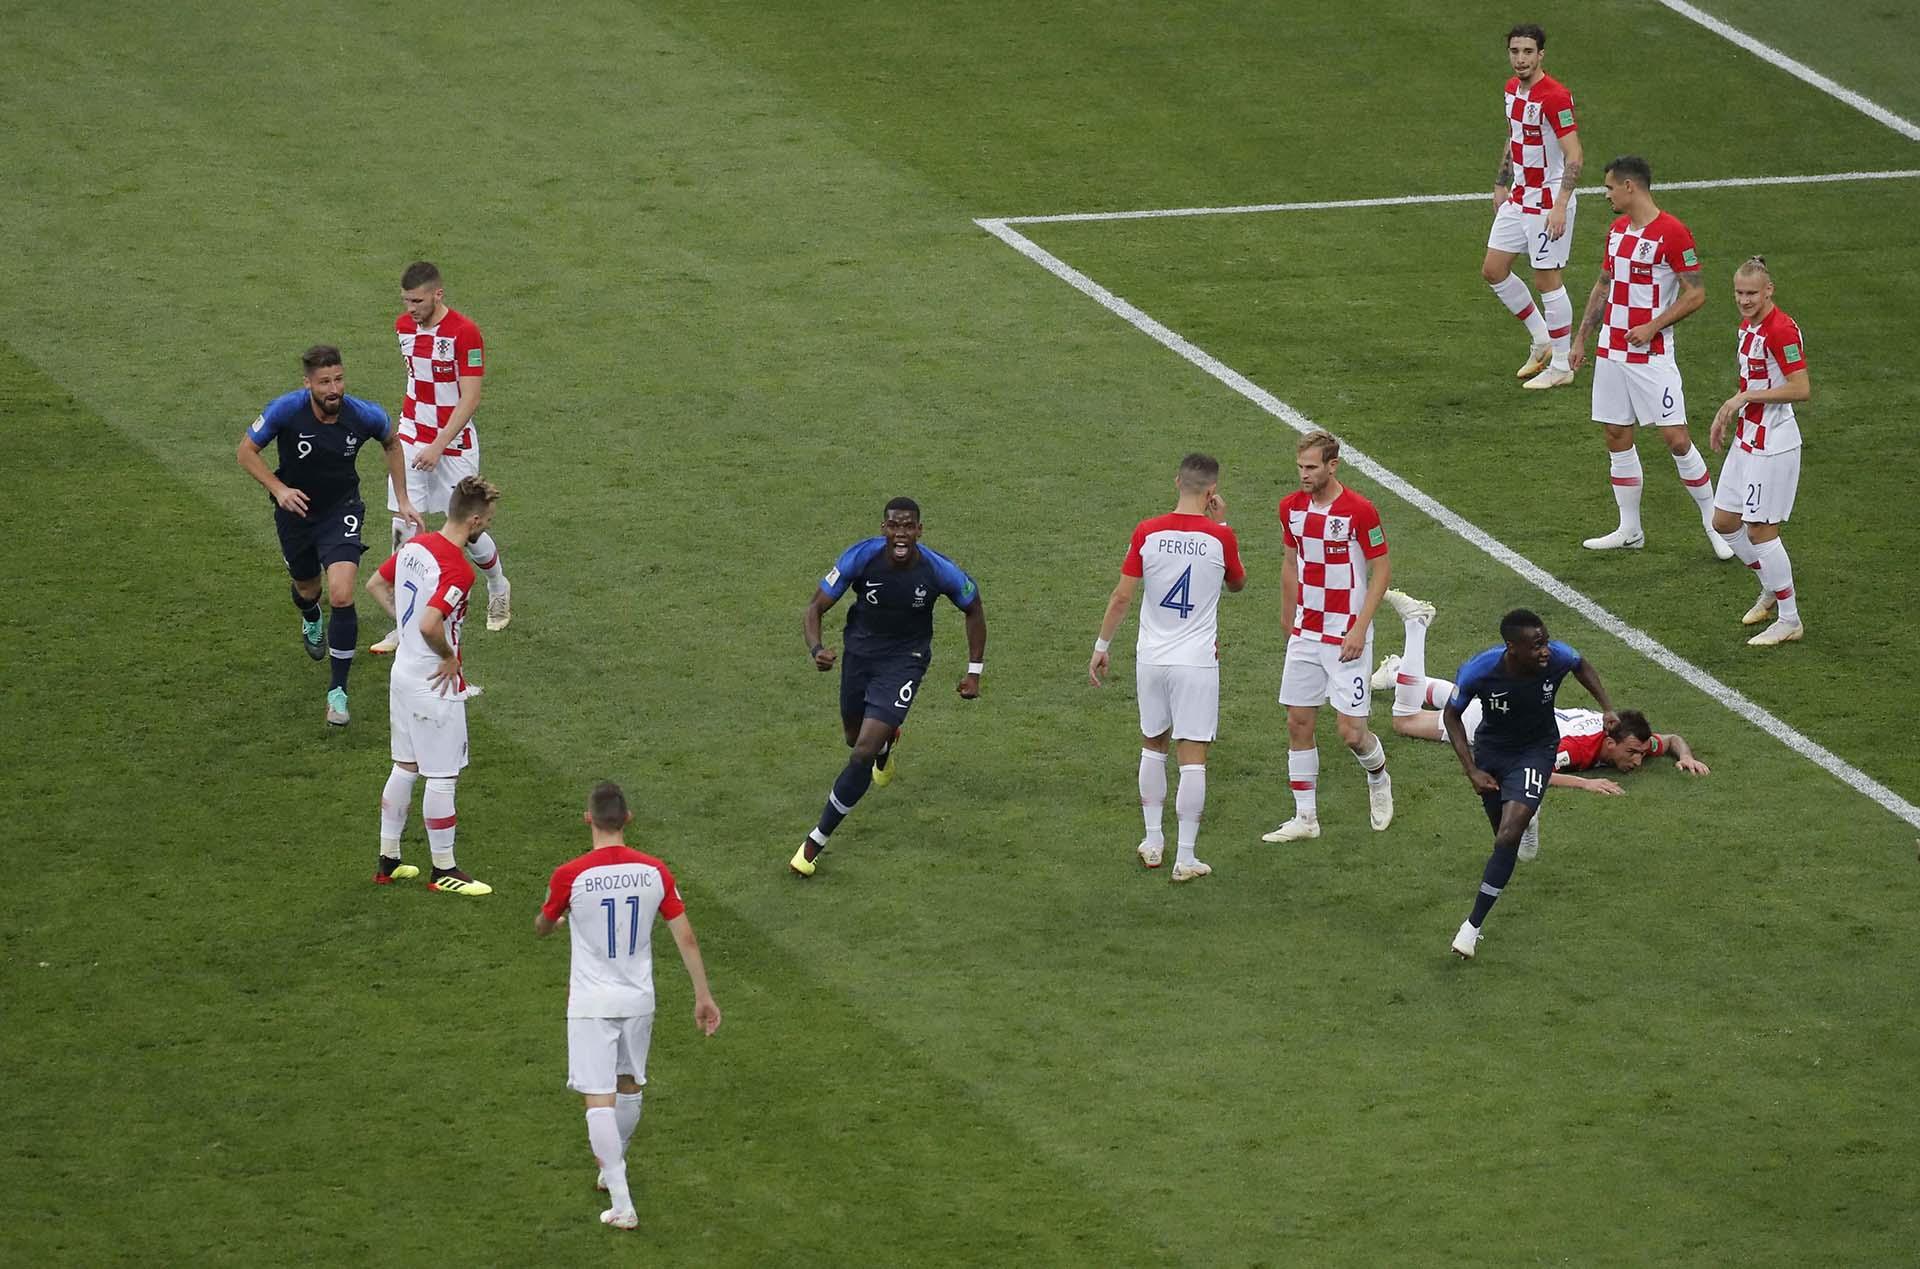 Francia celebra al apertura del marcador